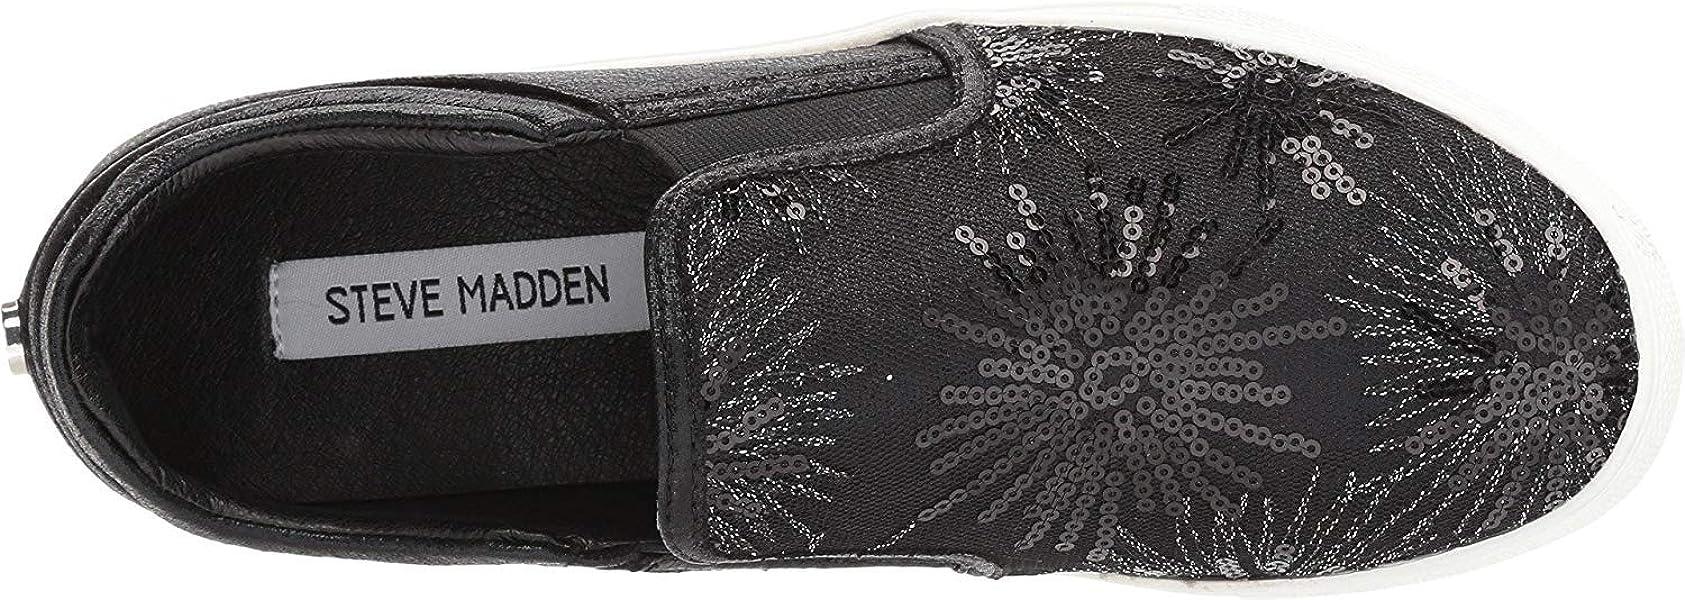 b2315d0ca54 ... Steve Madden Womens Ellen-S ...